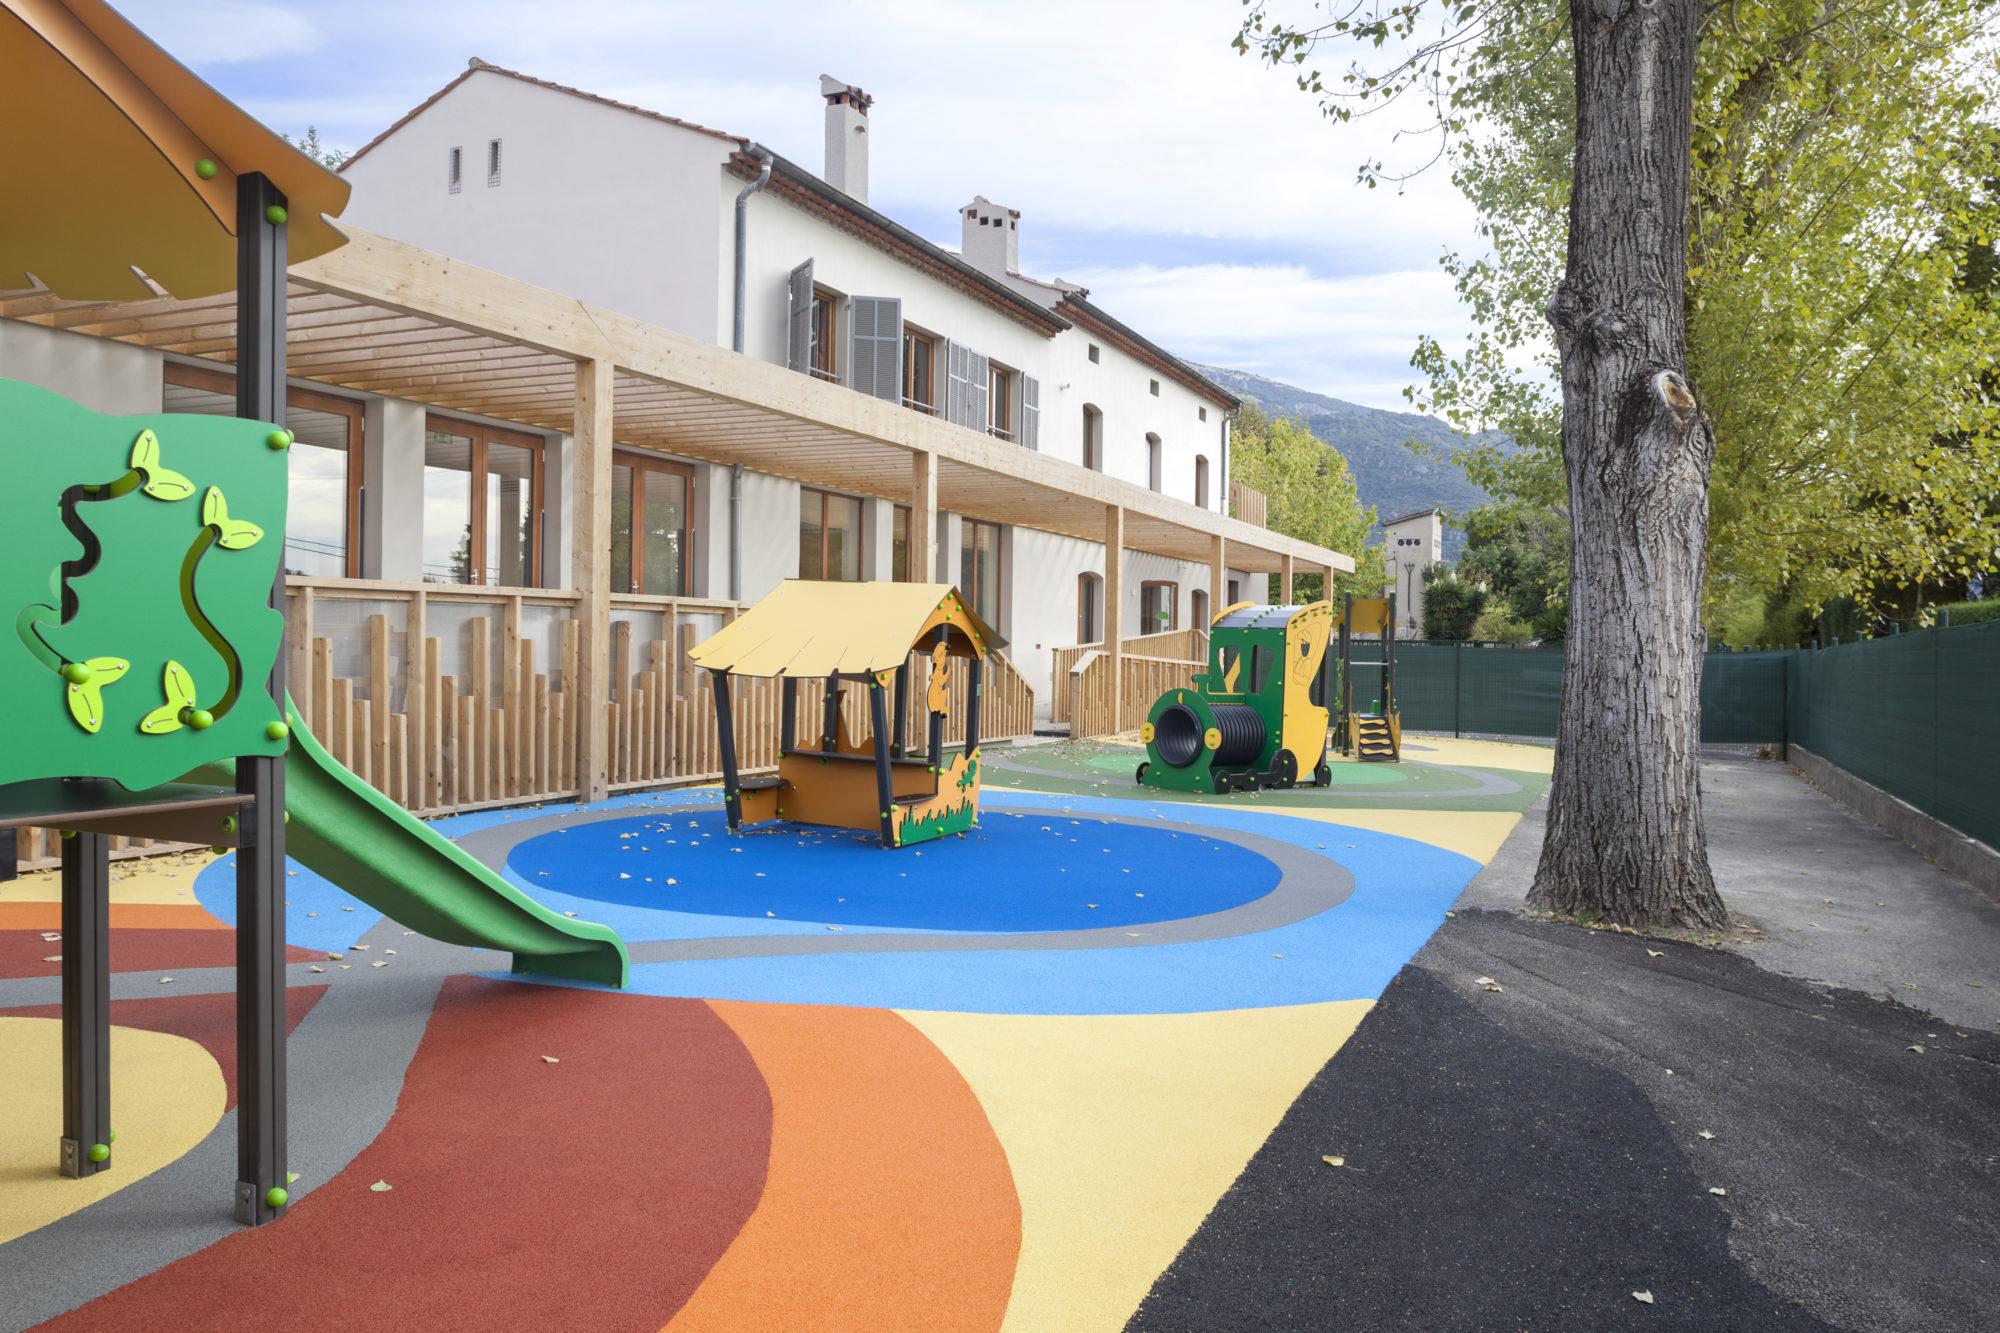 exterior playground nursery, creche parc, decoration extérieur creche